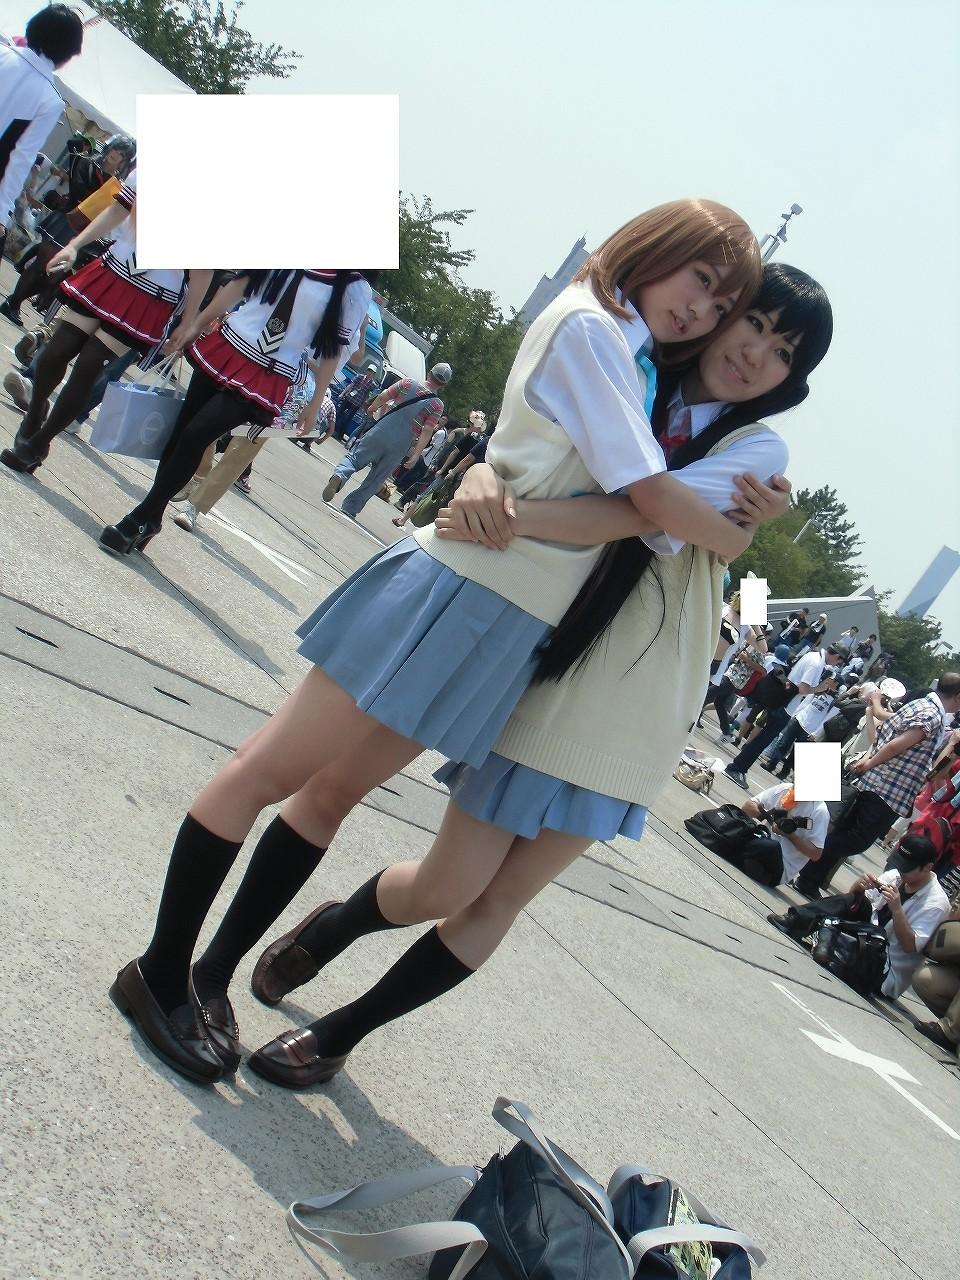 けいおん! K-ON 平沢 唯(ひらさわ ゆい) 中野 梓(なかの あずさ) コミックマーケット コスプレ C84 002